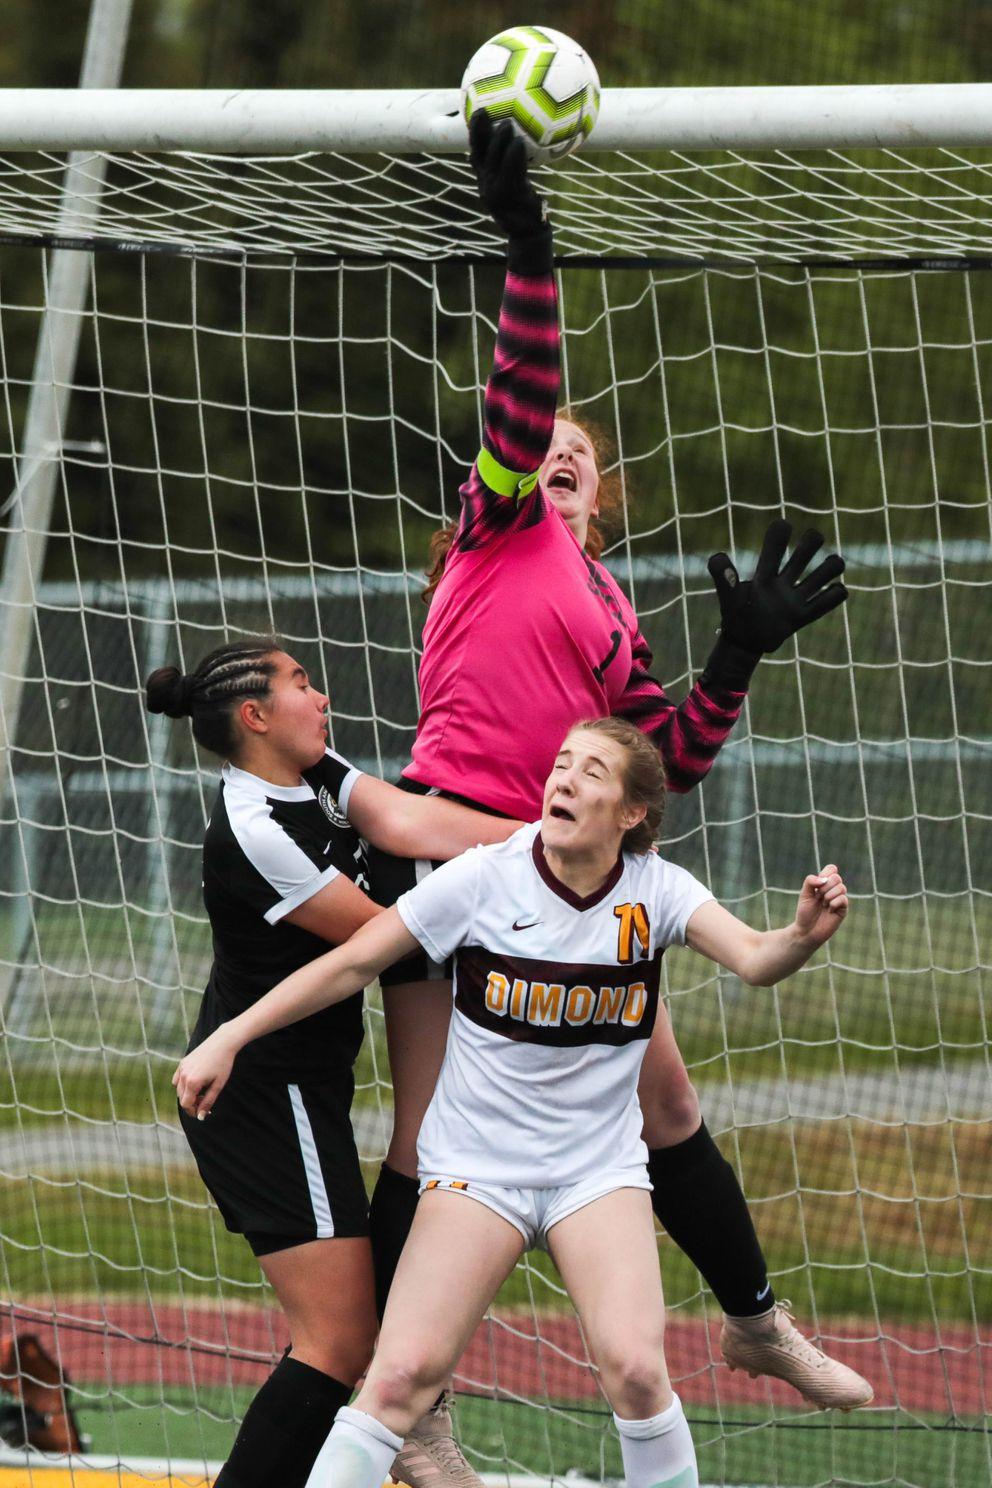 South goaltender Alexandra Nowka taps the ball over the net. (Loren Holmes / ADN)